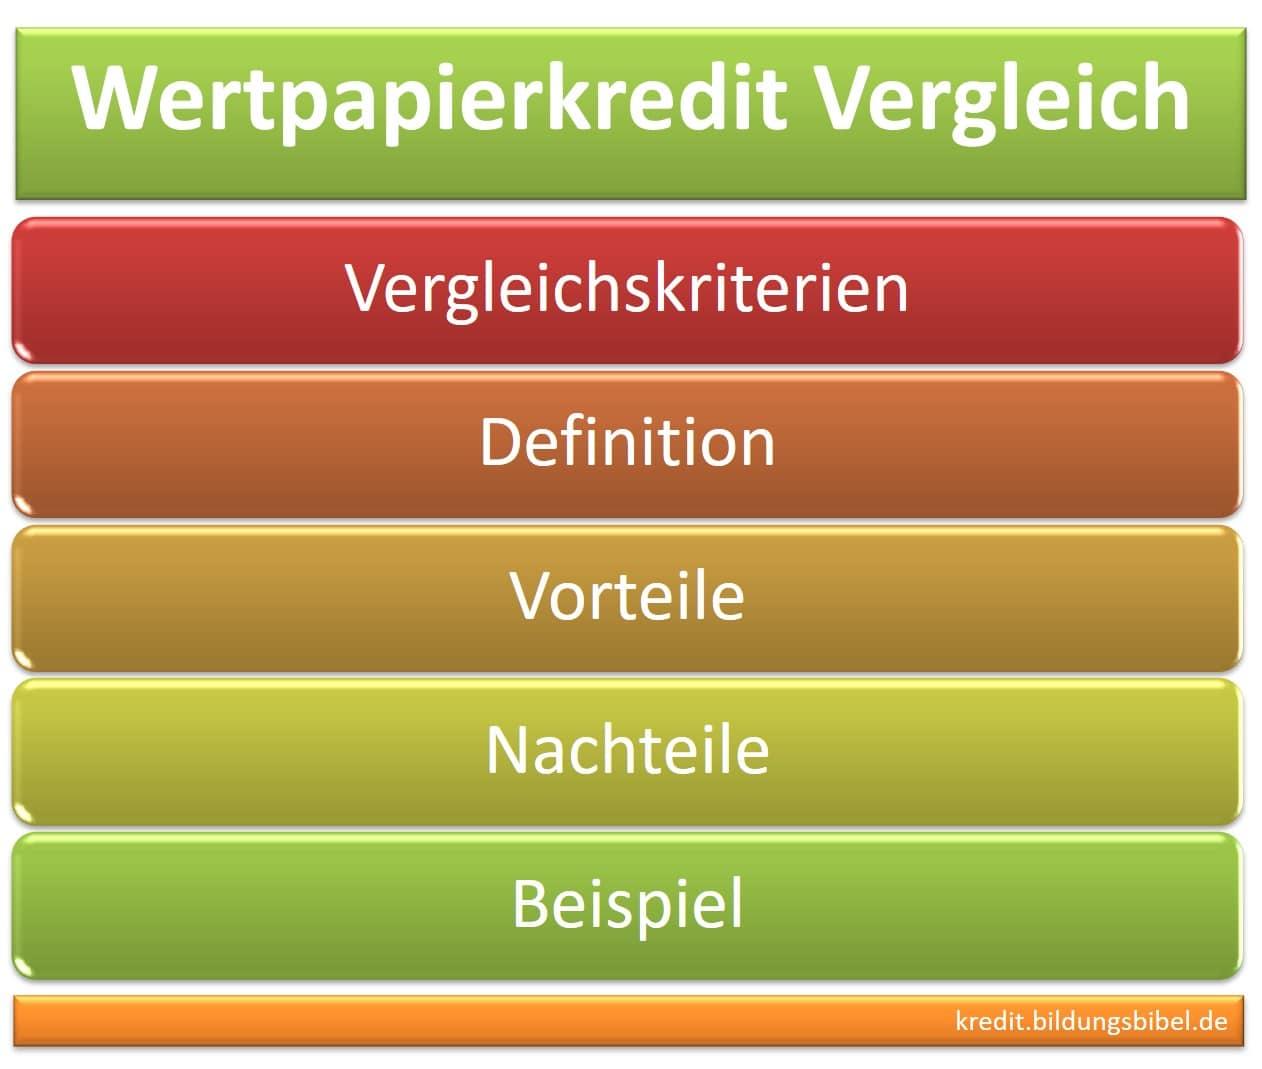 Der Wertpapierkredit Vergleich, Vergleichskriterien, Definition, Vorteile und Nachteile sowie Beispiel